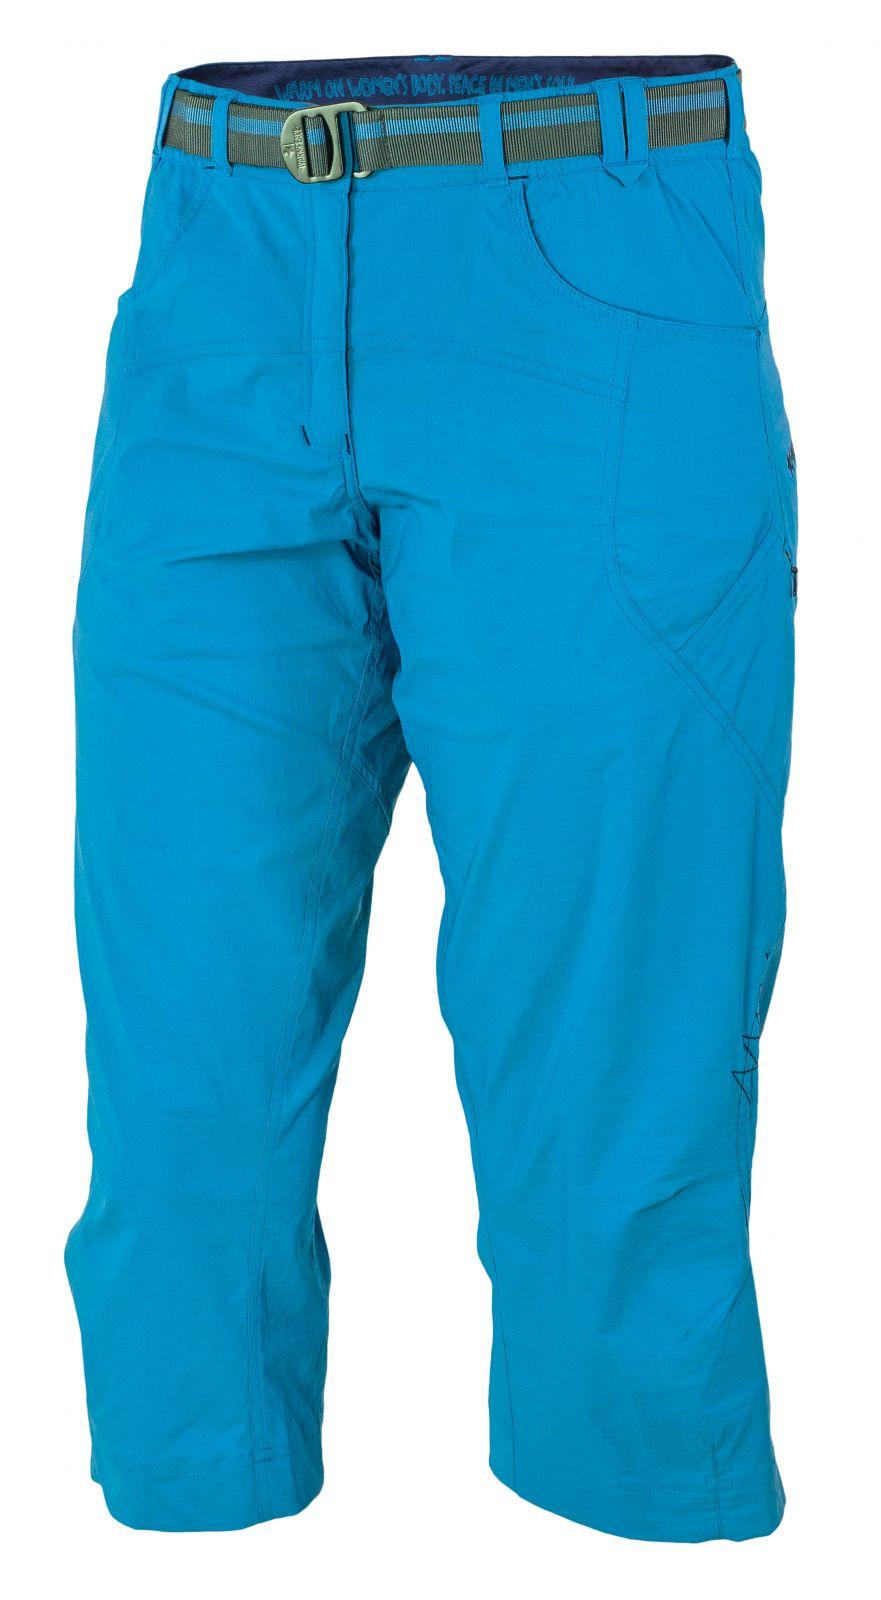 Warmpeace Flex 3/4 kalhoty smoke blue - L